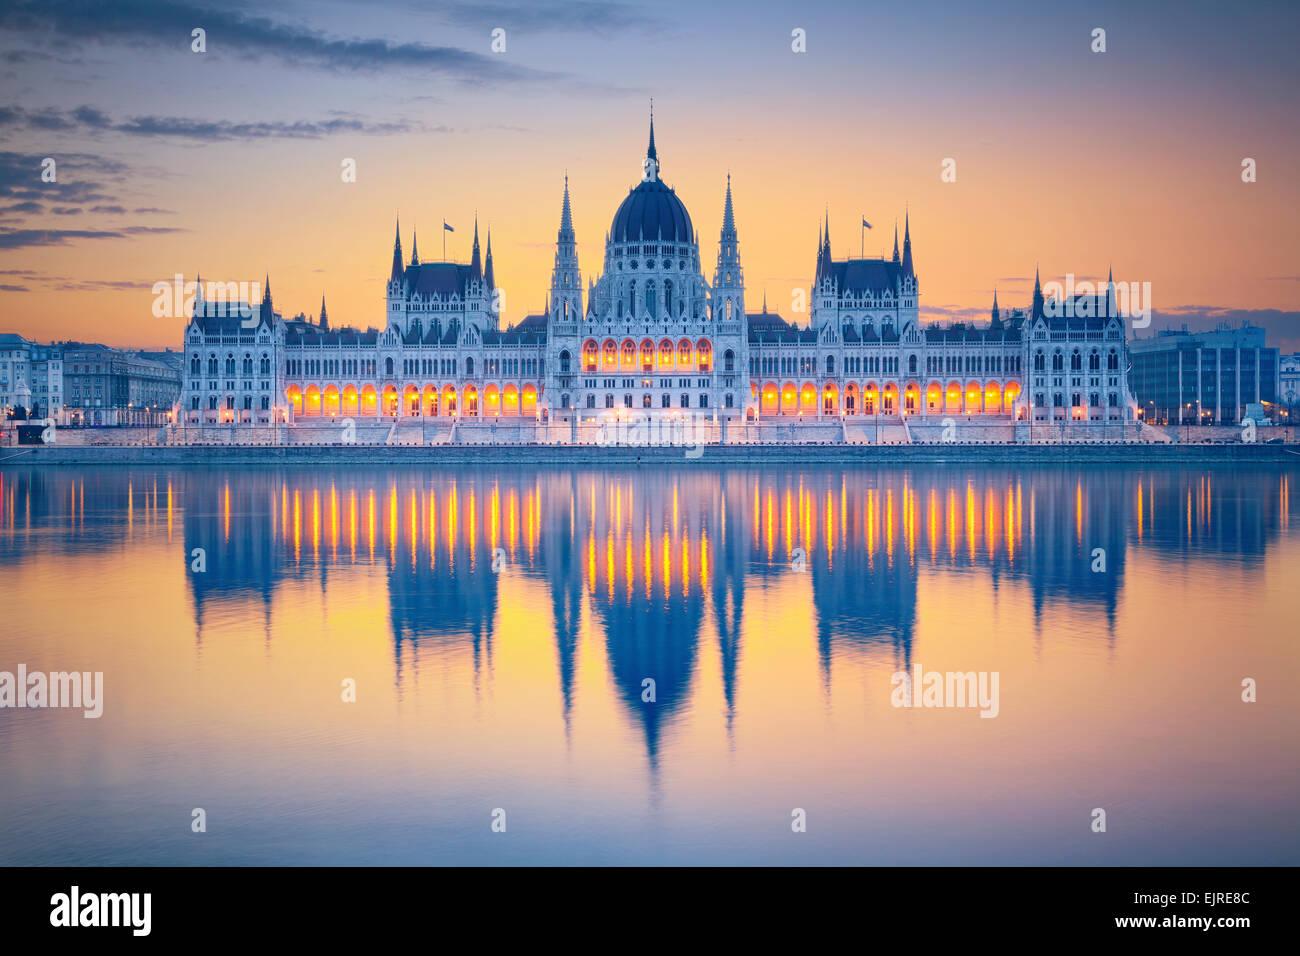 Budapest. Bild des ungarischen Parlaments in Budapest bei Sonnenaufgang. Stockbild